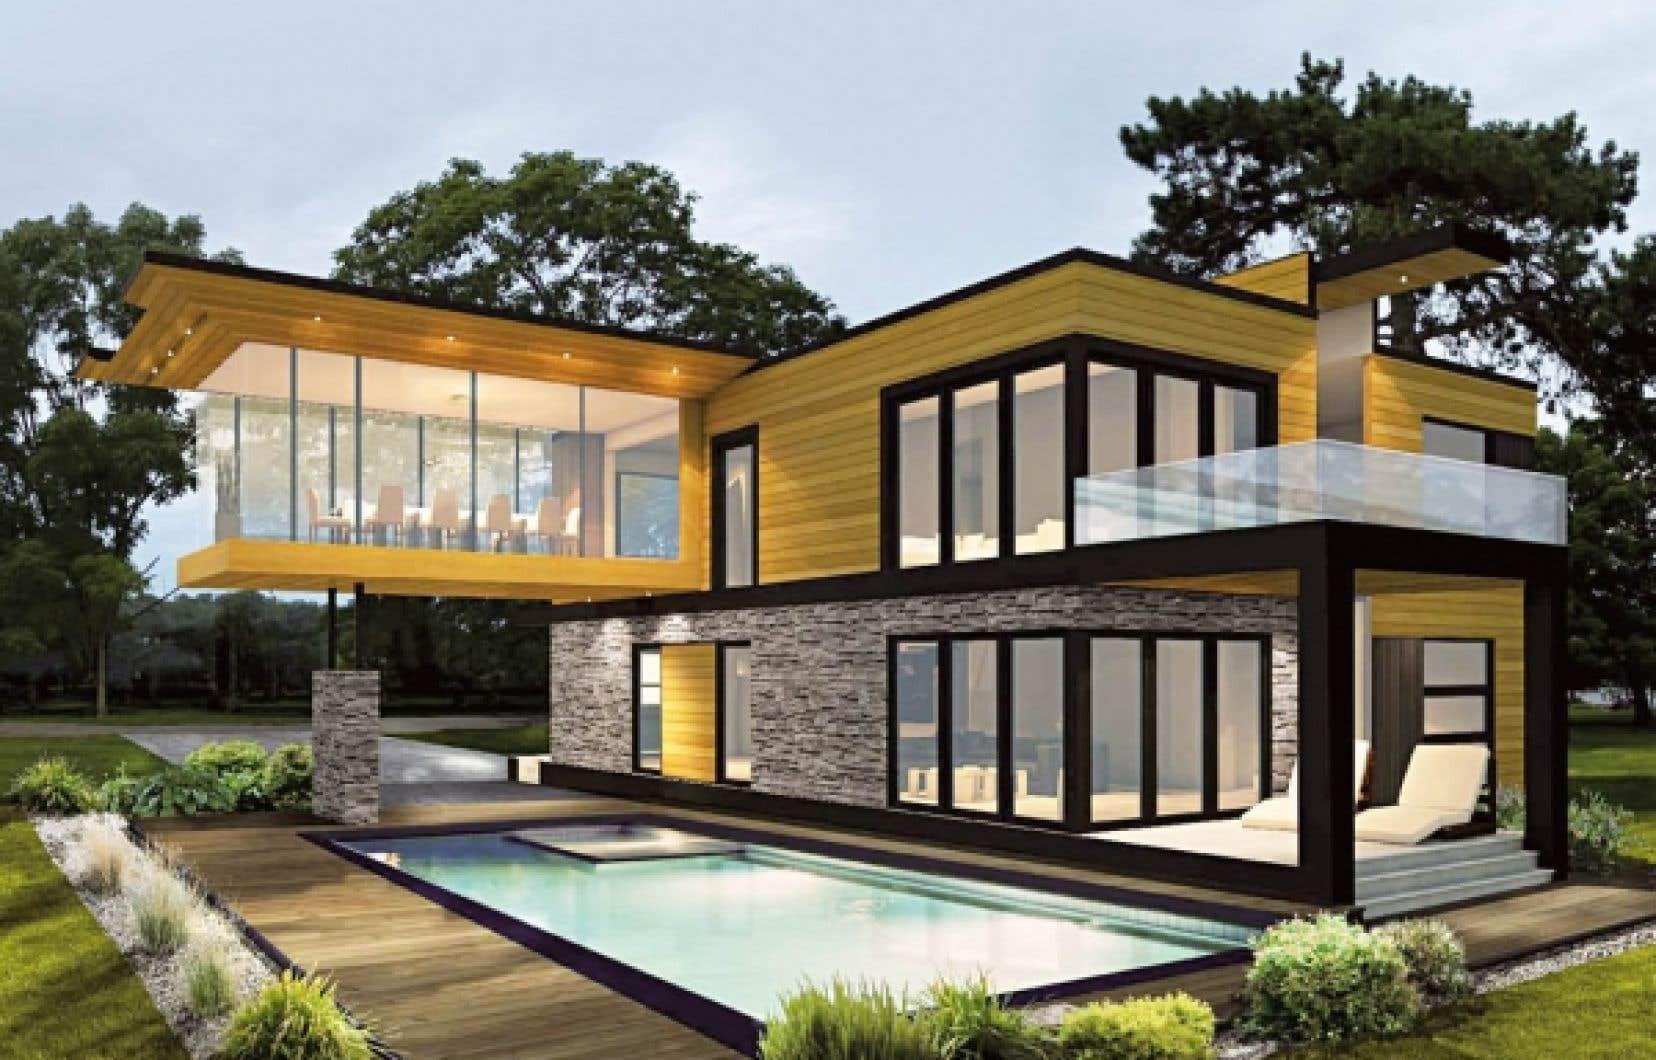 Le clou du Salon est la maison assembl&eacute;e en dix jours seulement. Il s&rsquo;agit cette ann&eacute;e d&rsquo;une maison modulaire aux allures scandinaves, propos&eacute;e par Marquis Concept.<br />